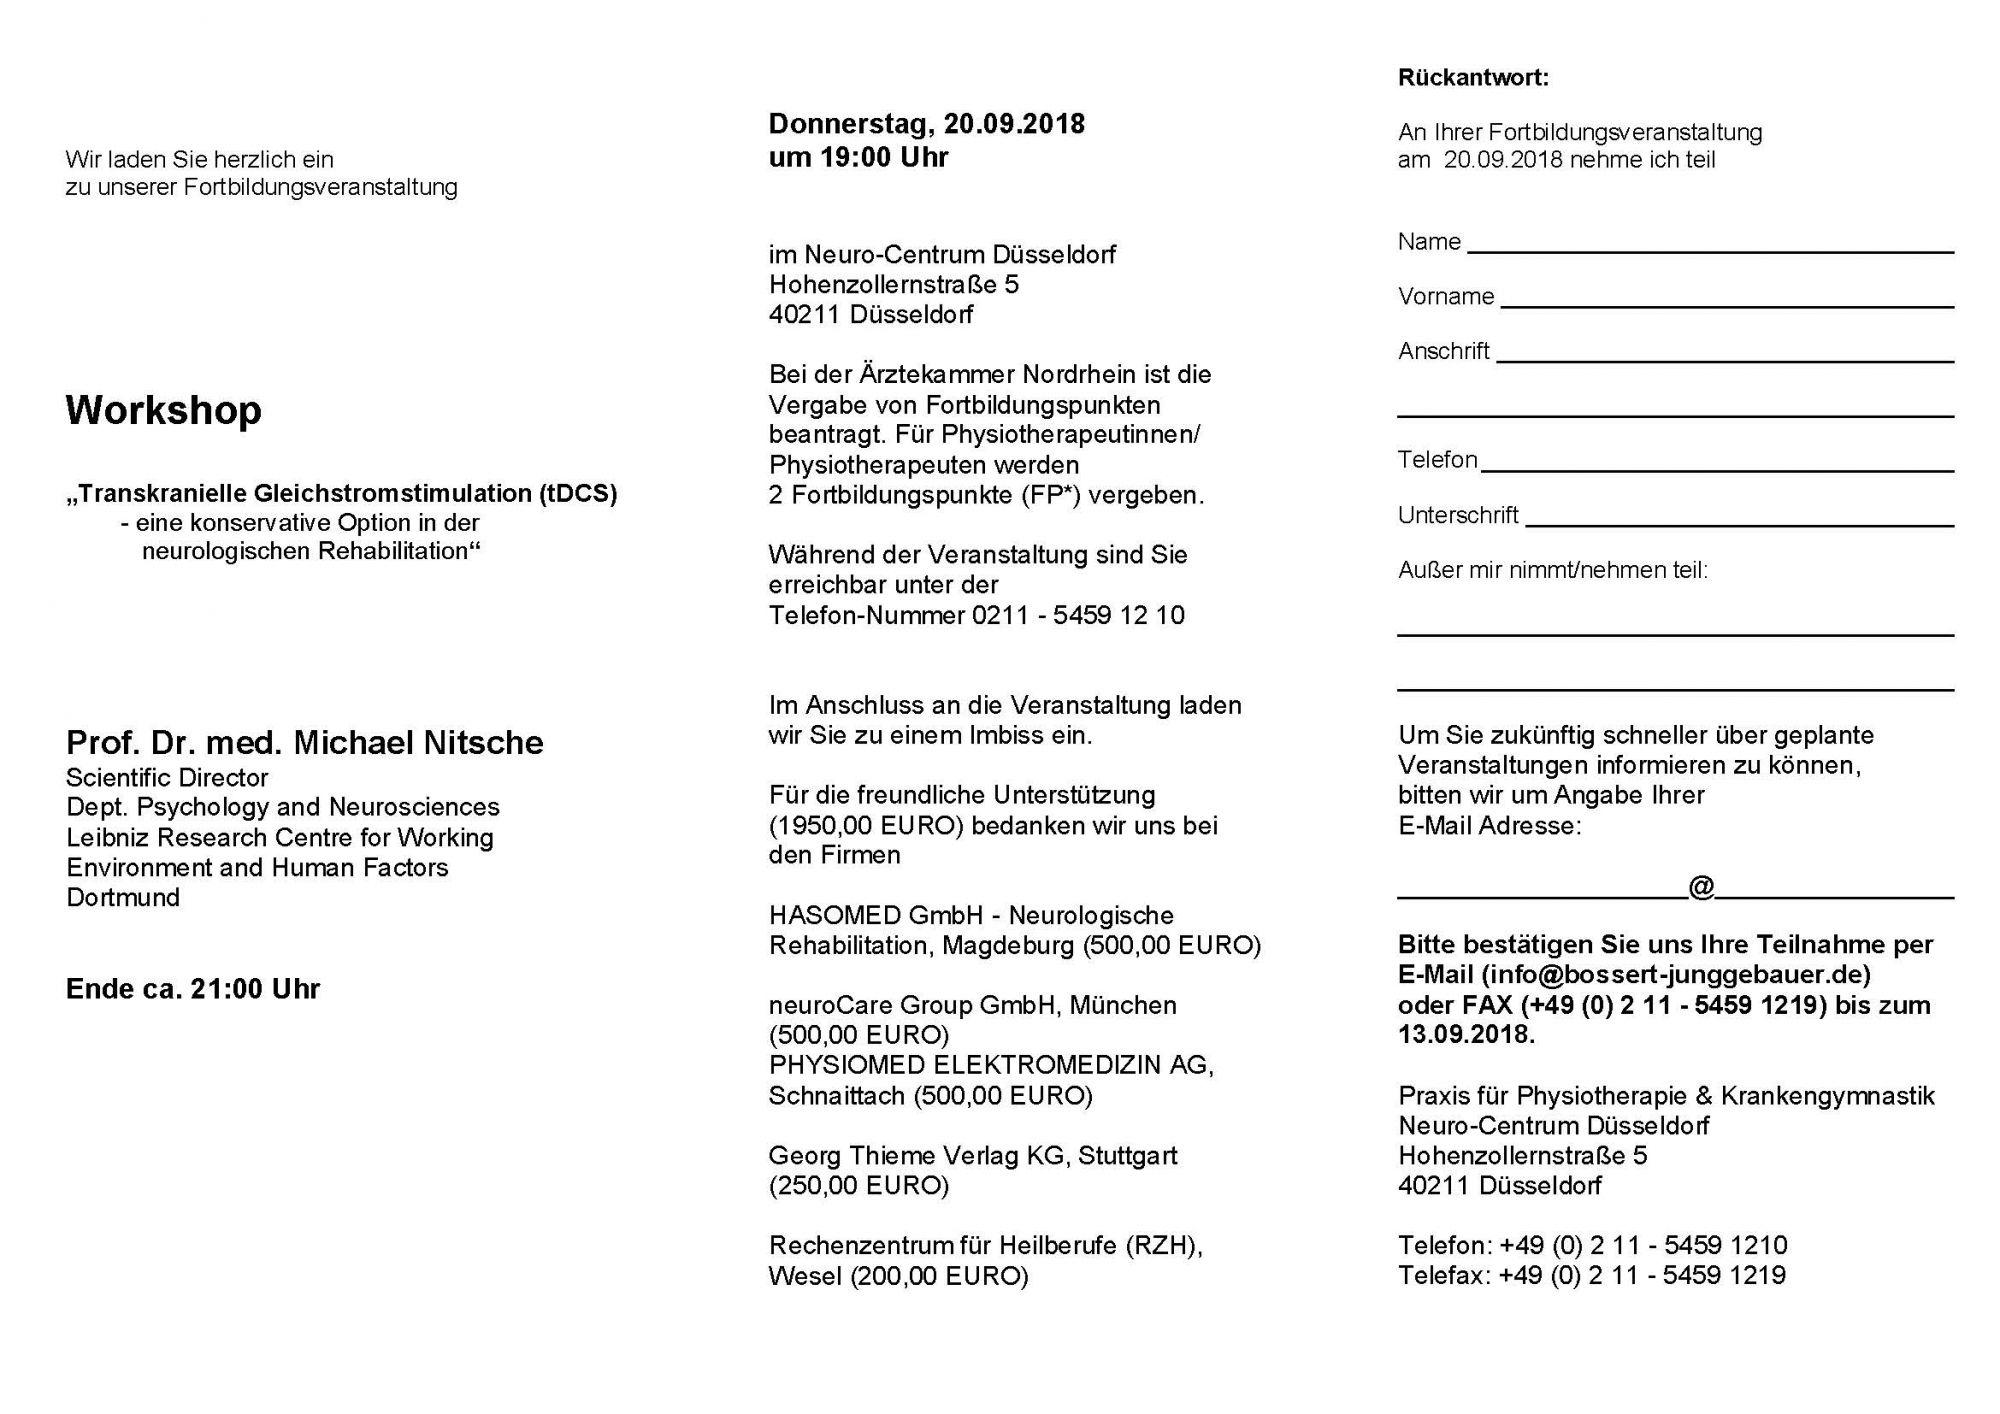 download einladung - Bewerbung Physiotherapie